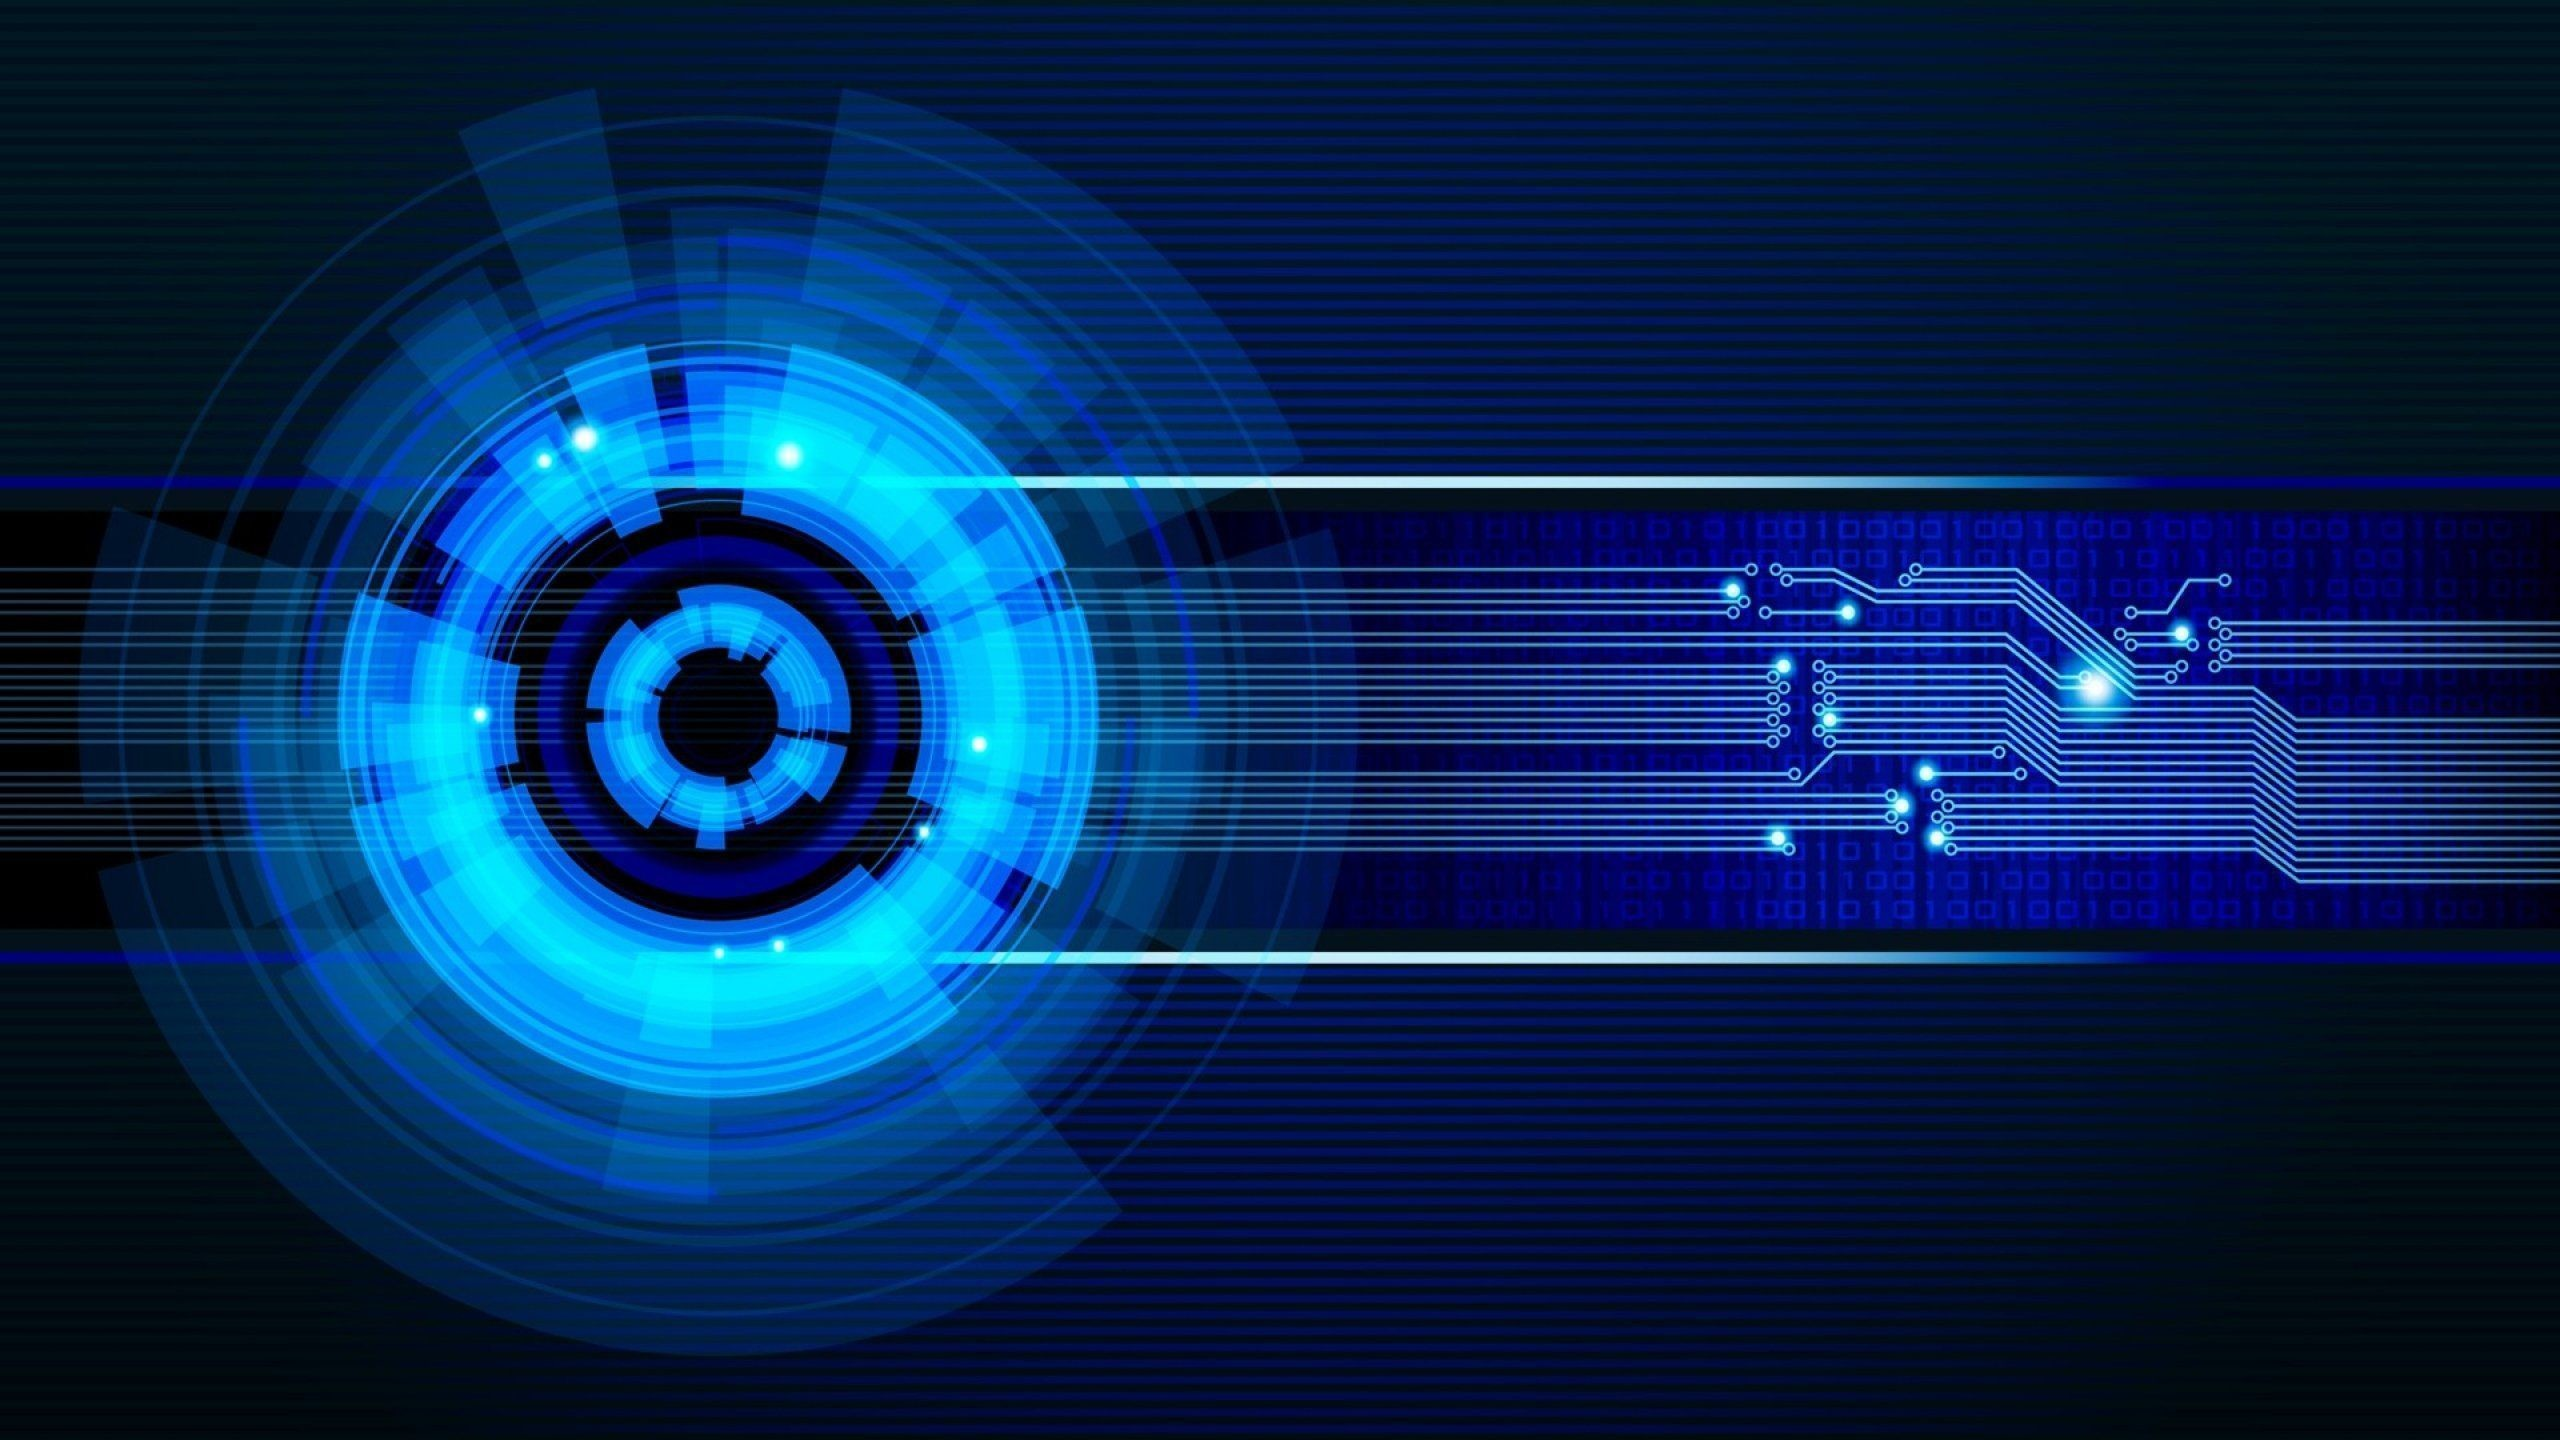 Tech Eye Computer Wallpapers, Desktop Backgrounds